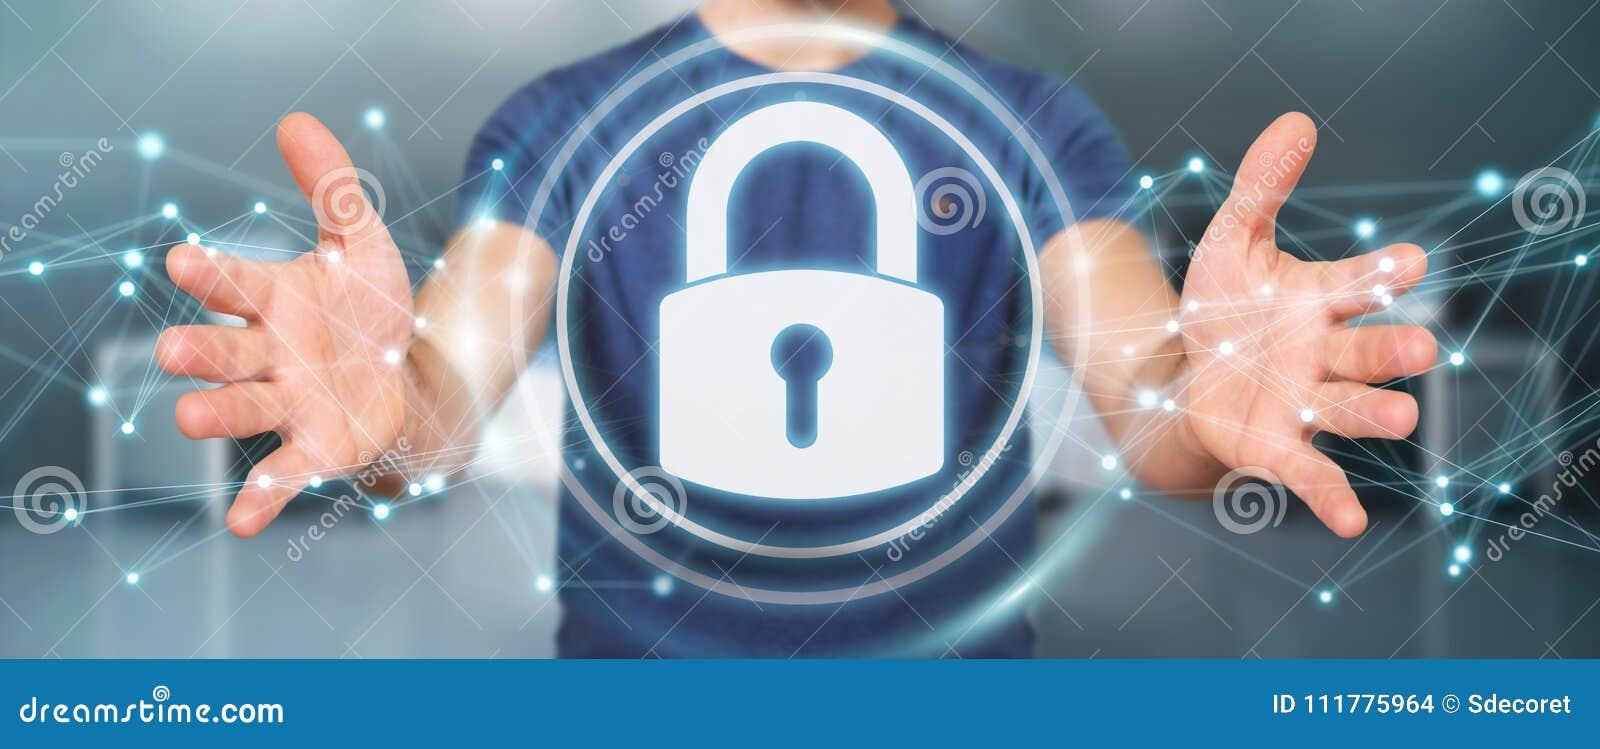 Επιχειρηματίας που προστατεύει τα datas του με το τρισδιάστατο rend διεπαφών ασφάλειας